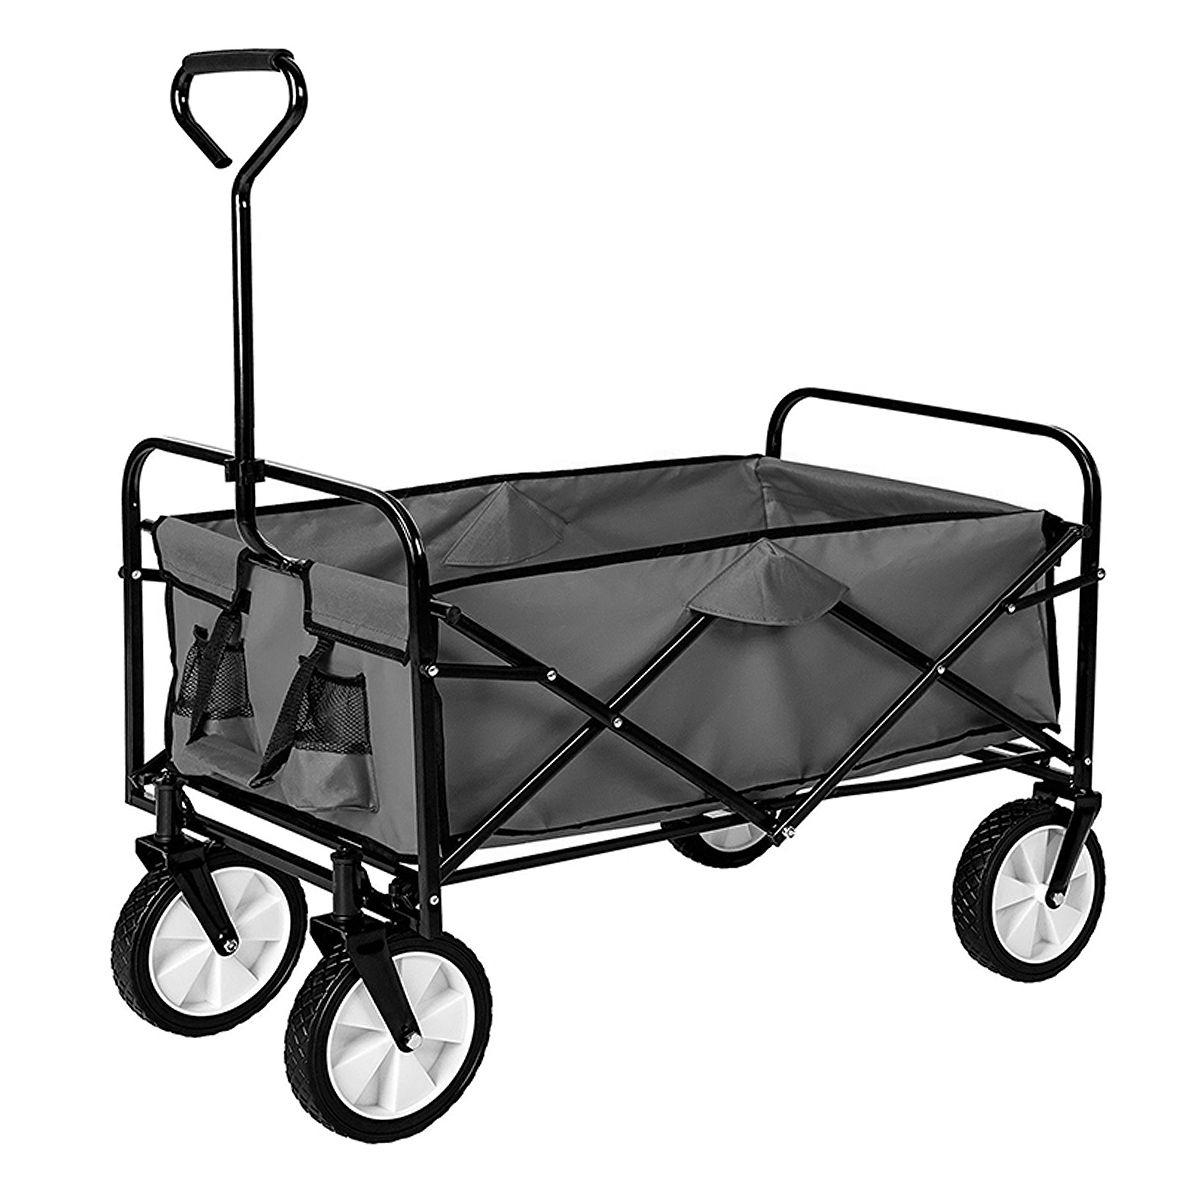 Chariot De Jardin Pliable - Remorque À Main 4 Roues ... avec Chariot De Jardin 4 Roues